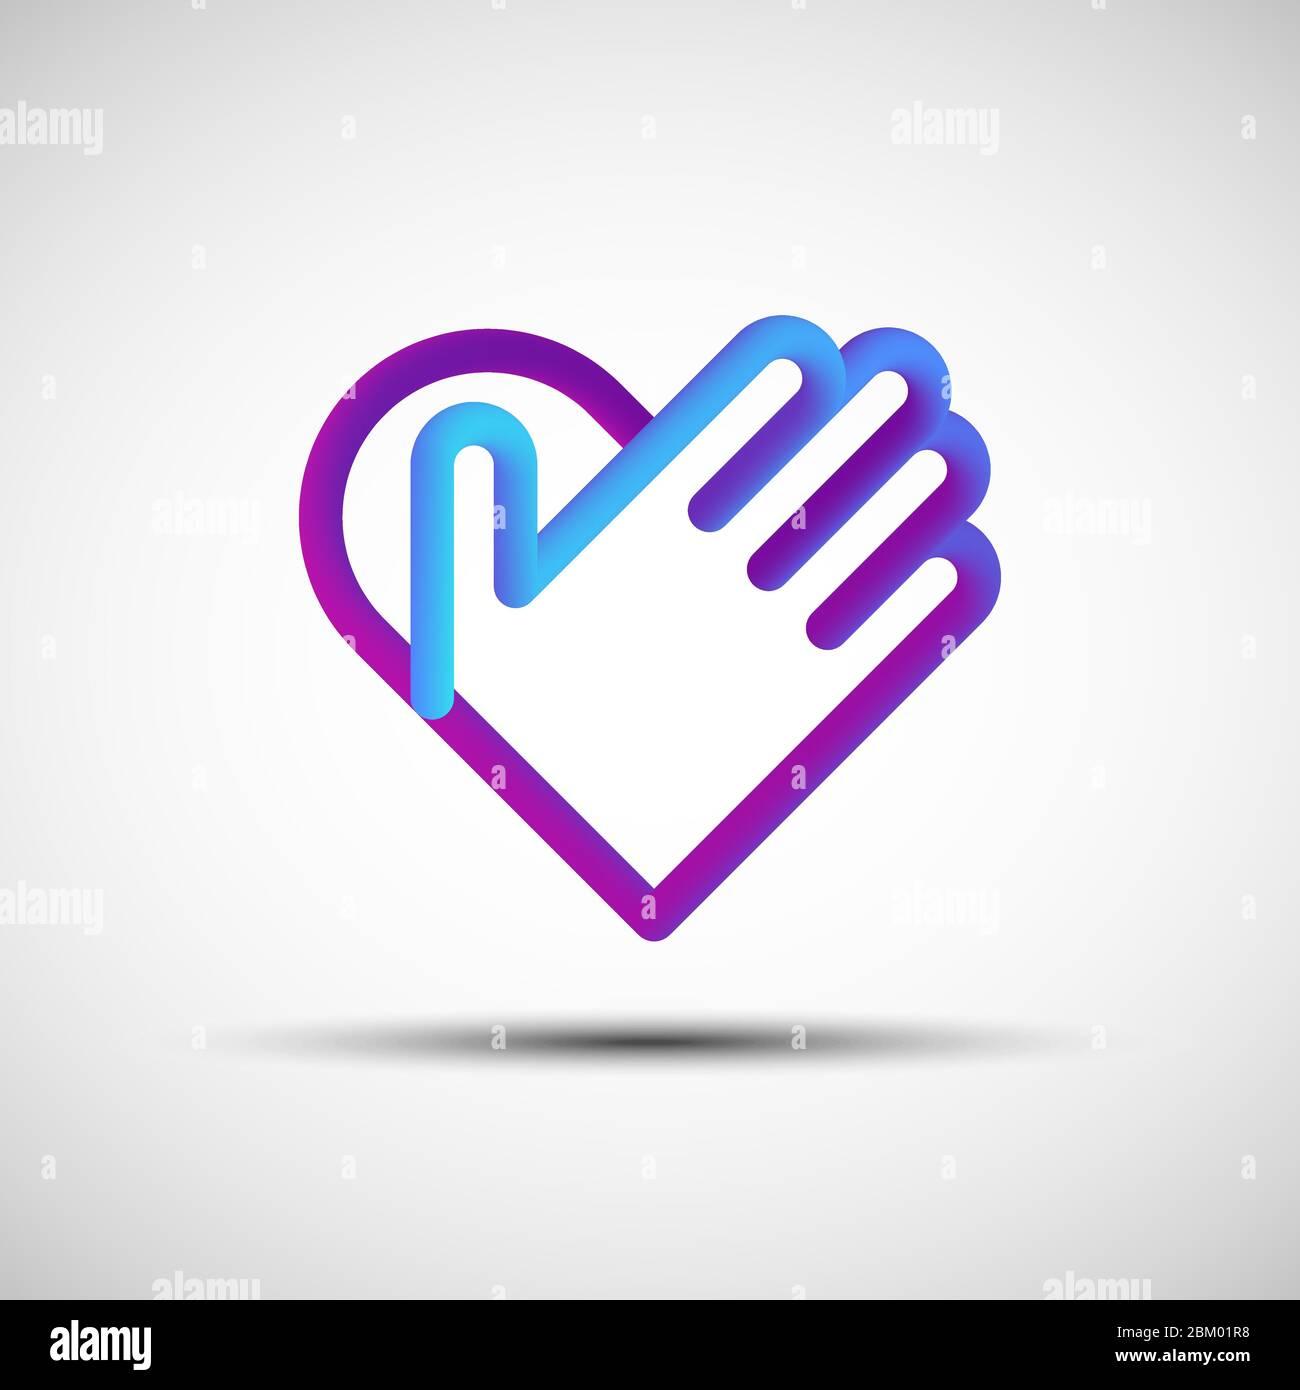 Remettez l'icône de la ligne de coeur mélangée. Illustration vectorielle d'un cœur abstrait 3d liquide avec icône, logo, signe ou emblème de la main sur fond blanc Illustration de Vecteur